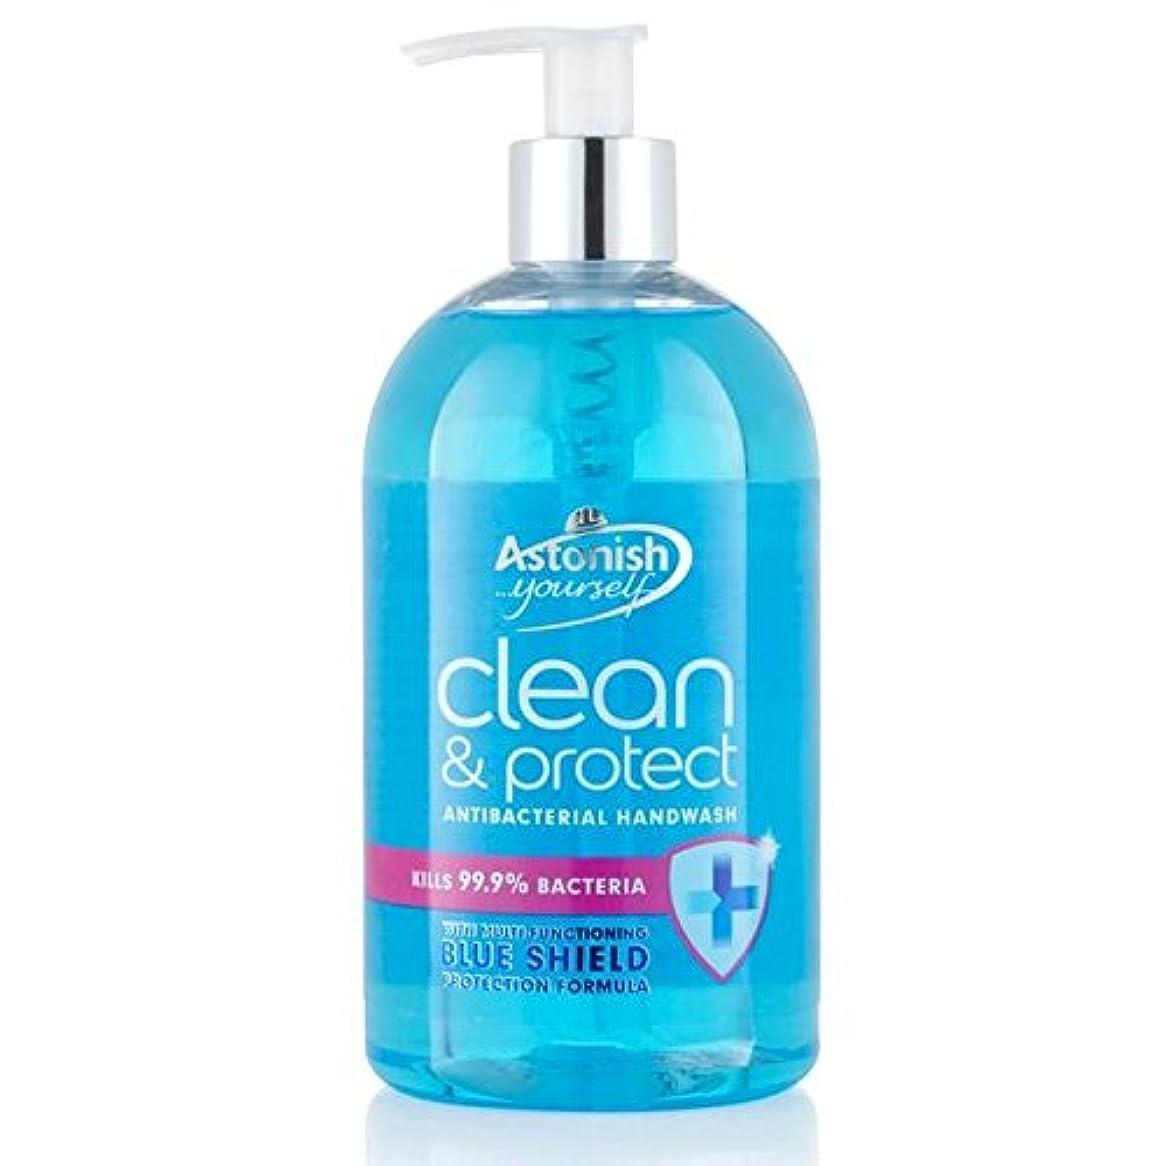 広げるによってタオルAstonish Clean & Protect Hand Wash 500ml (Pack of 6) - クリーン驚か&ハンドウォッシュ500ミリリットルを保護 x6 [並行輸入品]